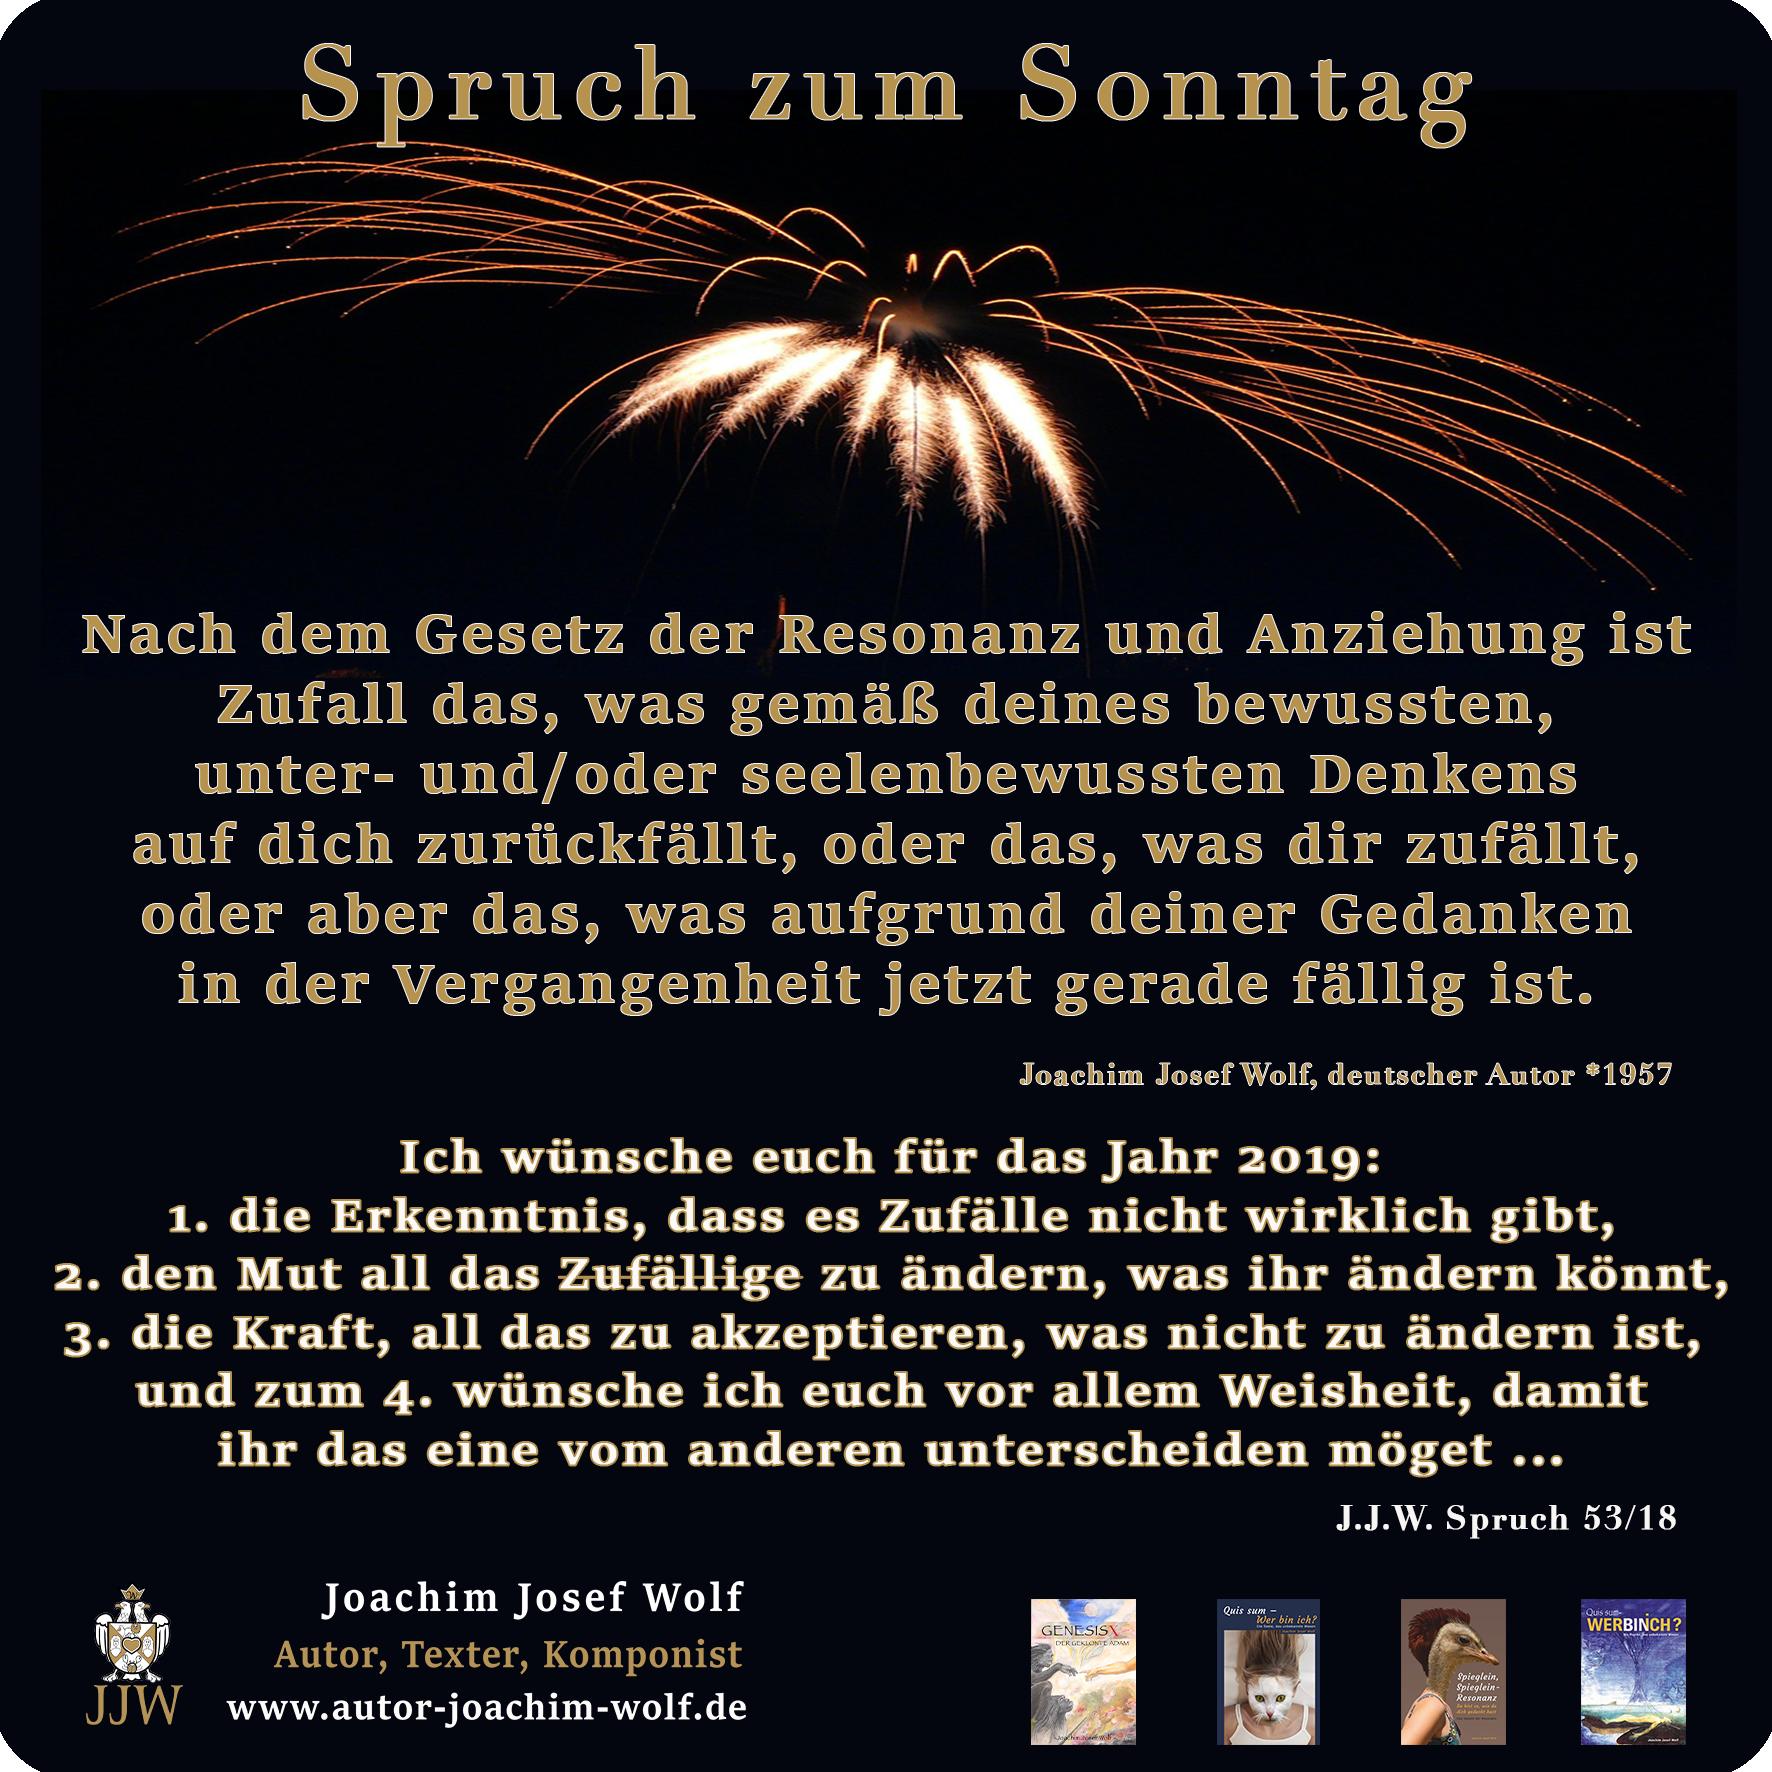 005 Sprüche Z Sonntag 2018 Joachim Josef Wolf Autor Und